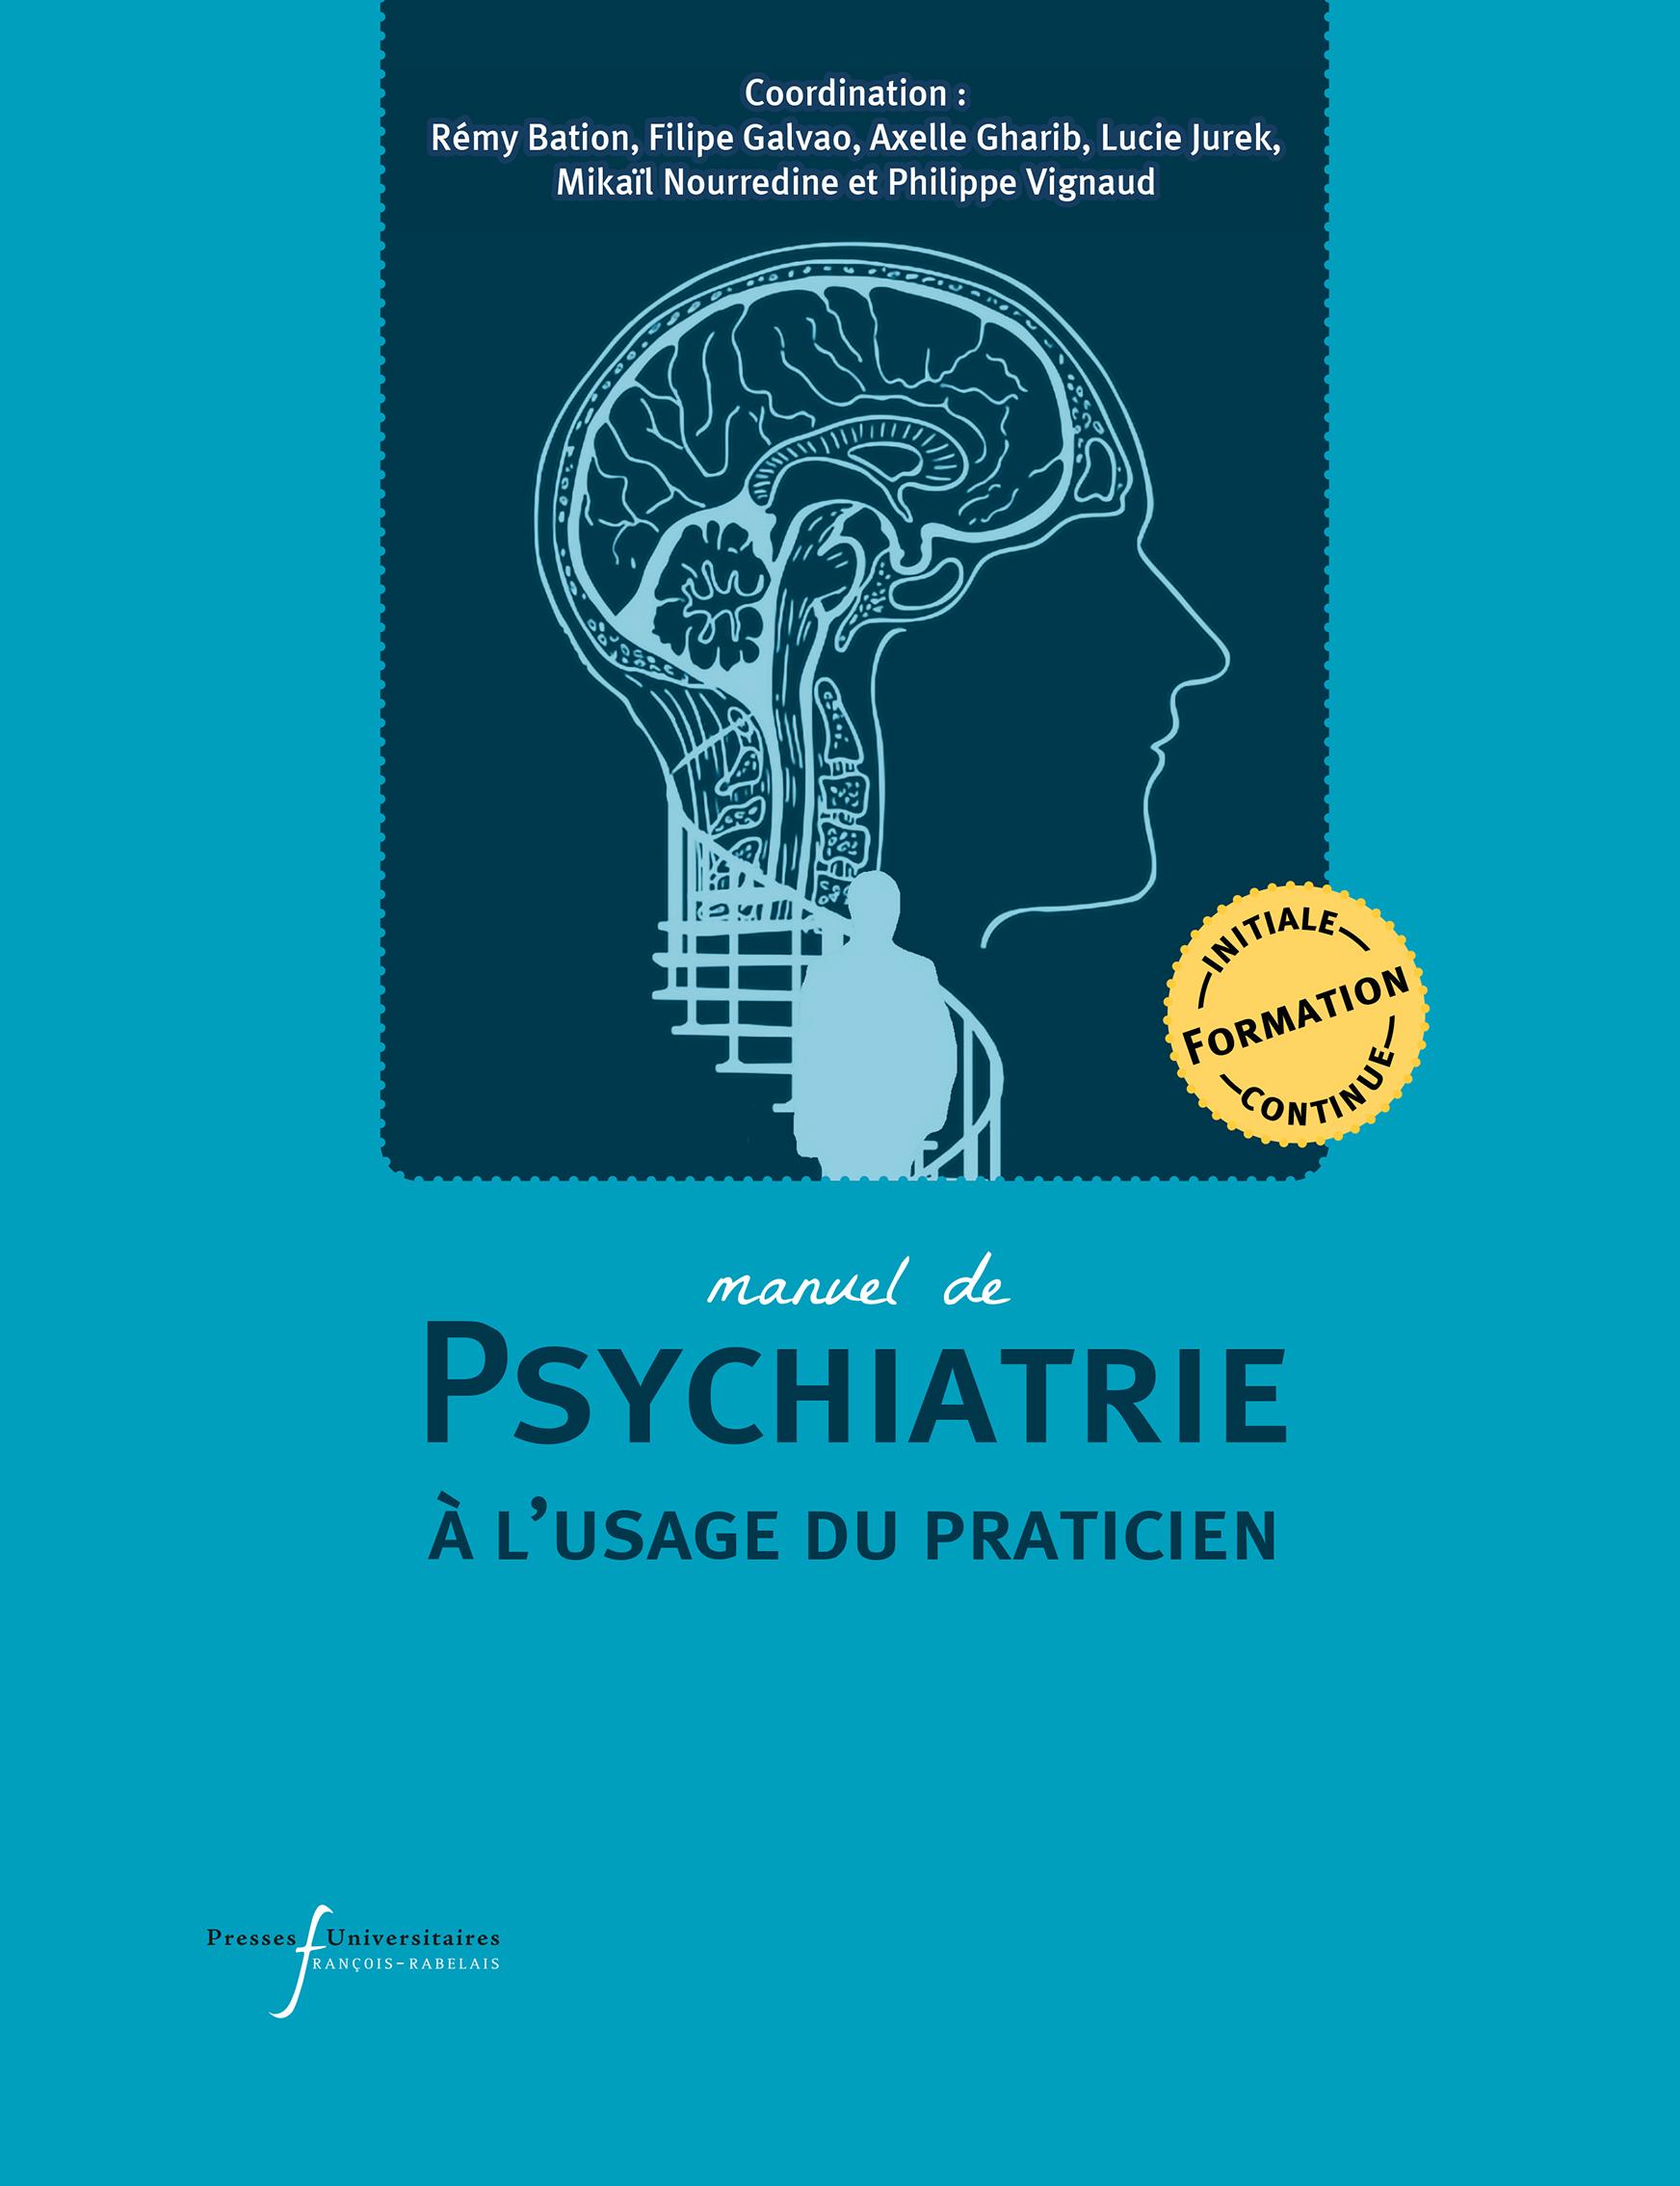 Manuel de psychiatrie à l'usage du praticien